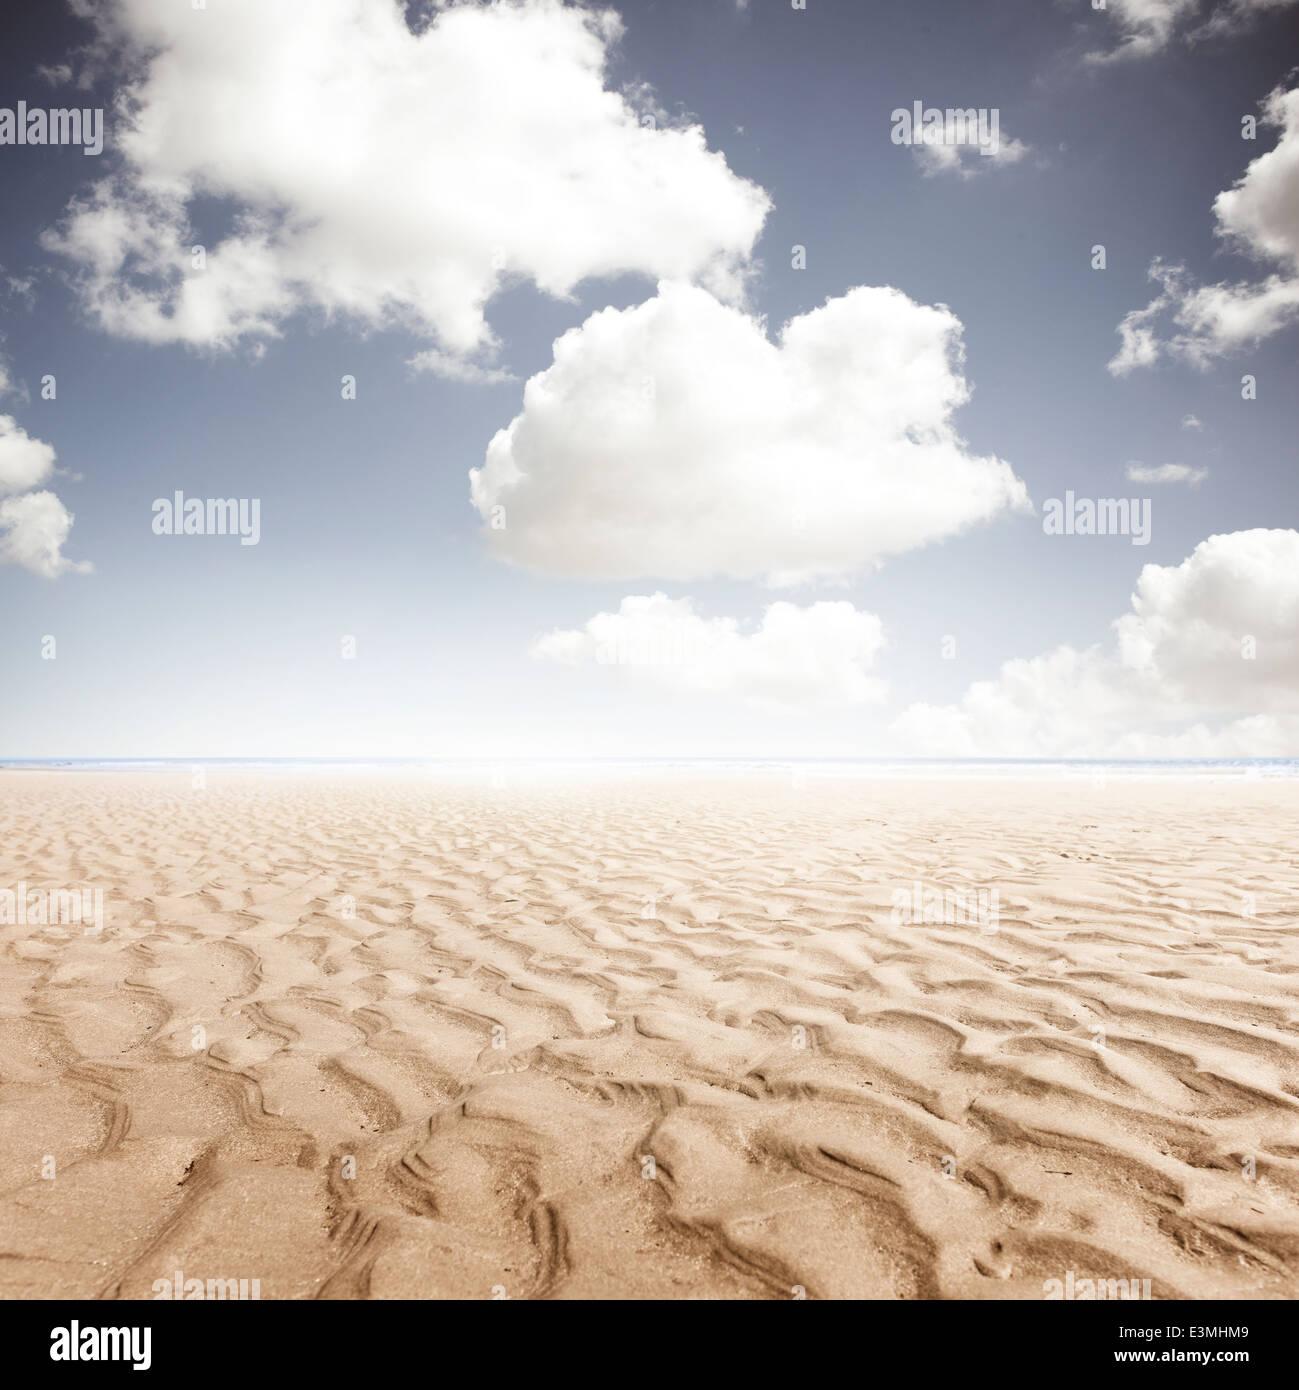 Sfondo di spiaggia con fluttuazioni nella sabbia. Immagini Stock